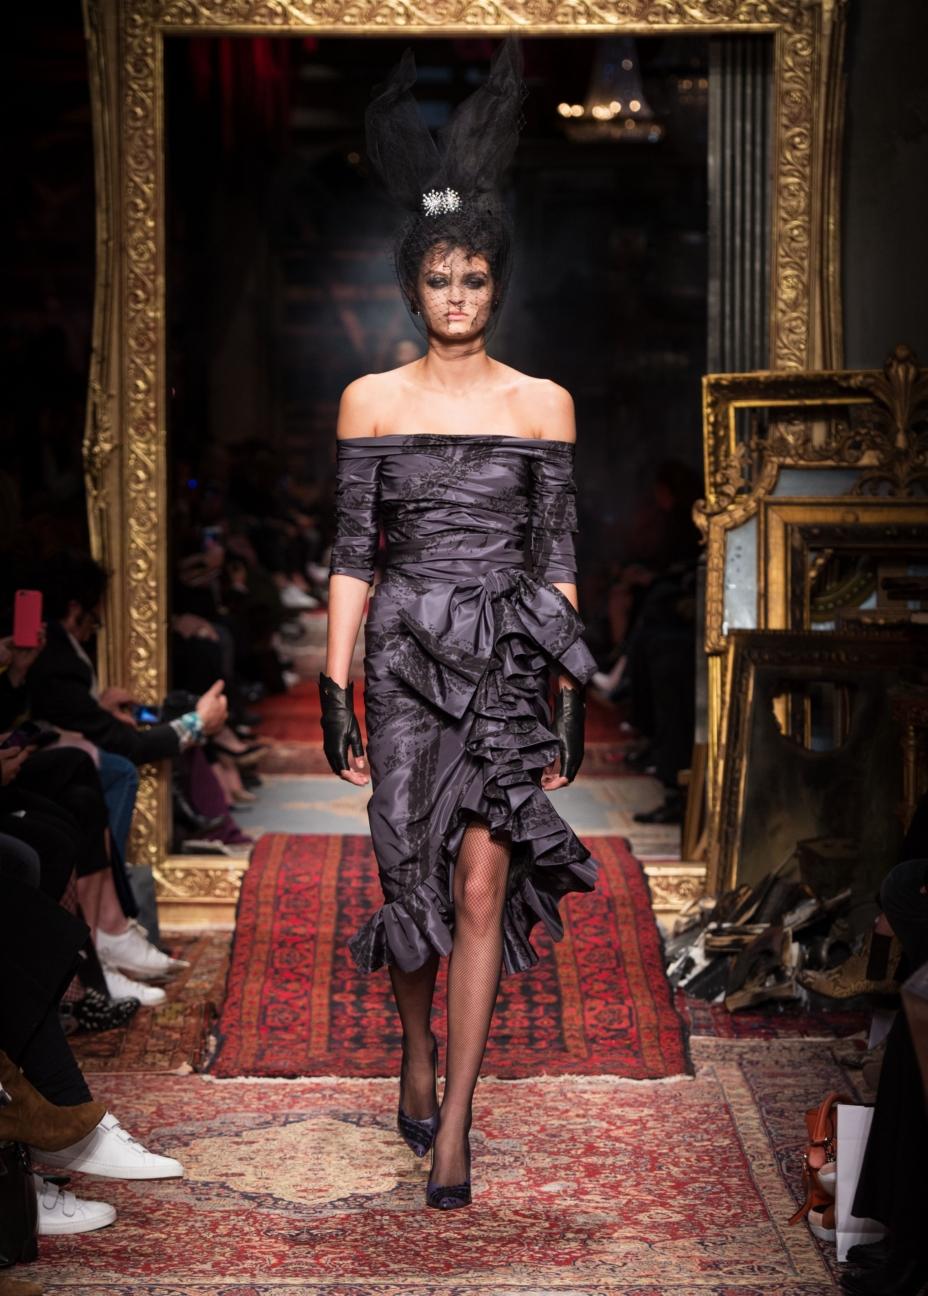 moschino-milan-fashion-week-aw-16-42